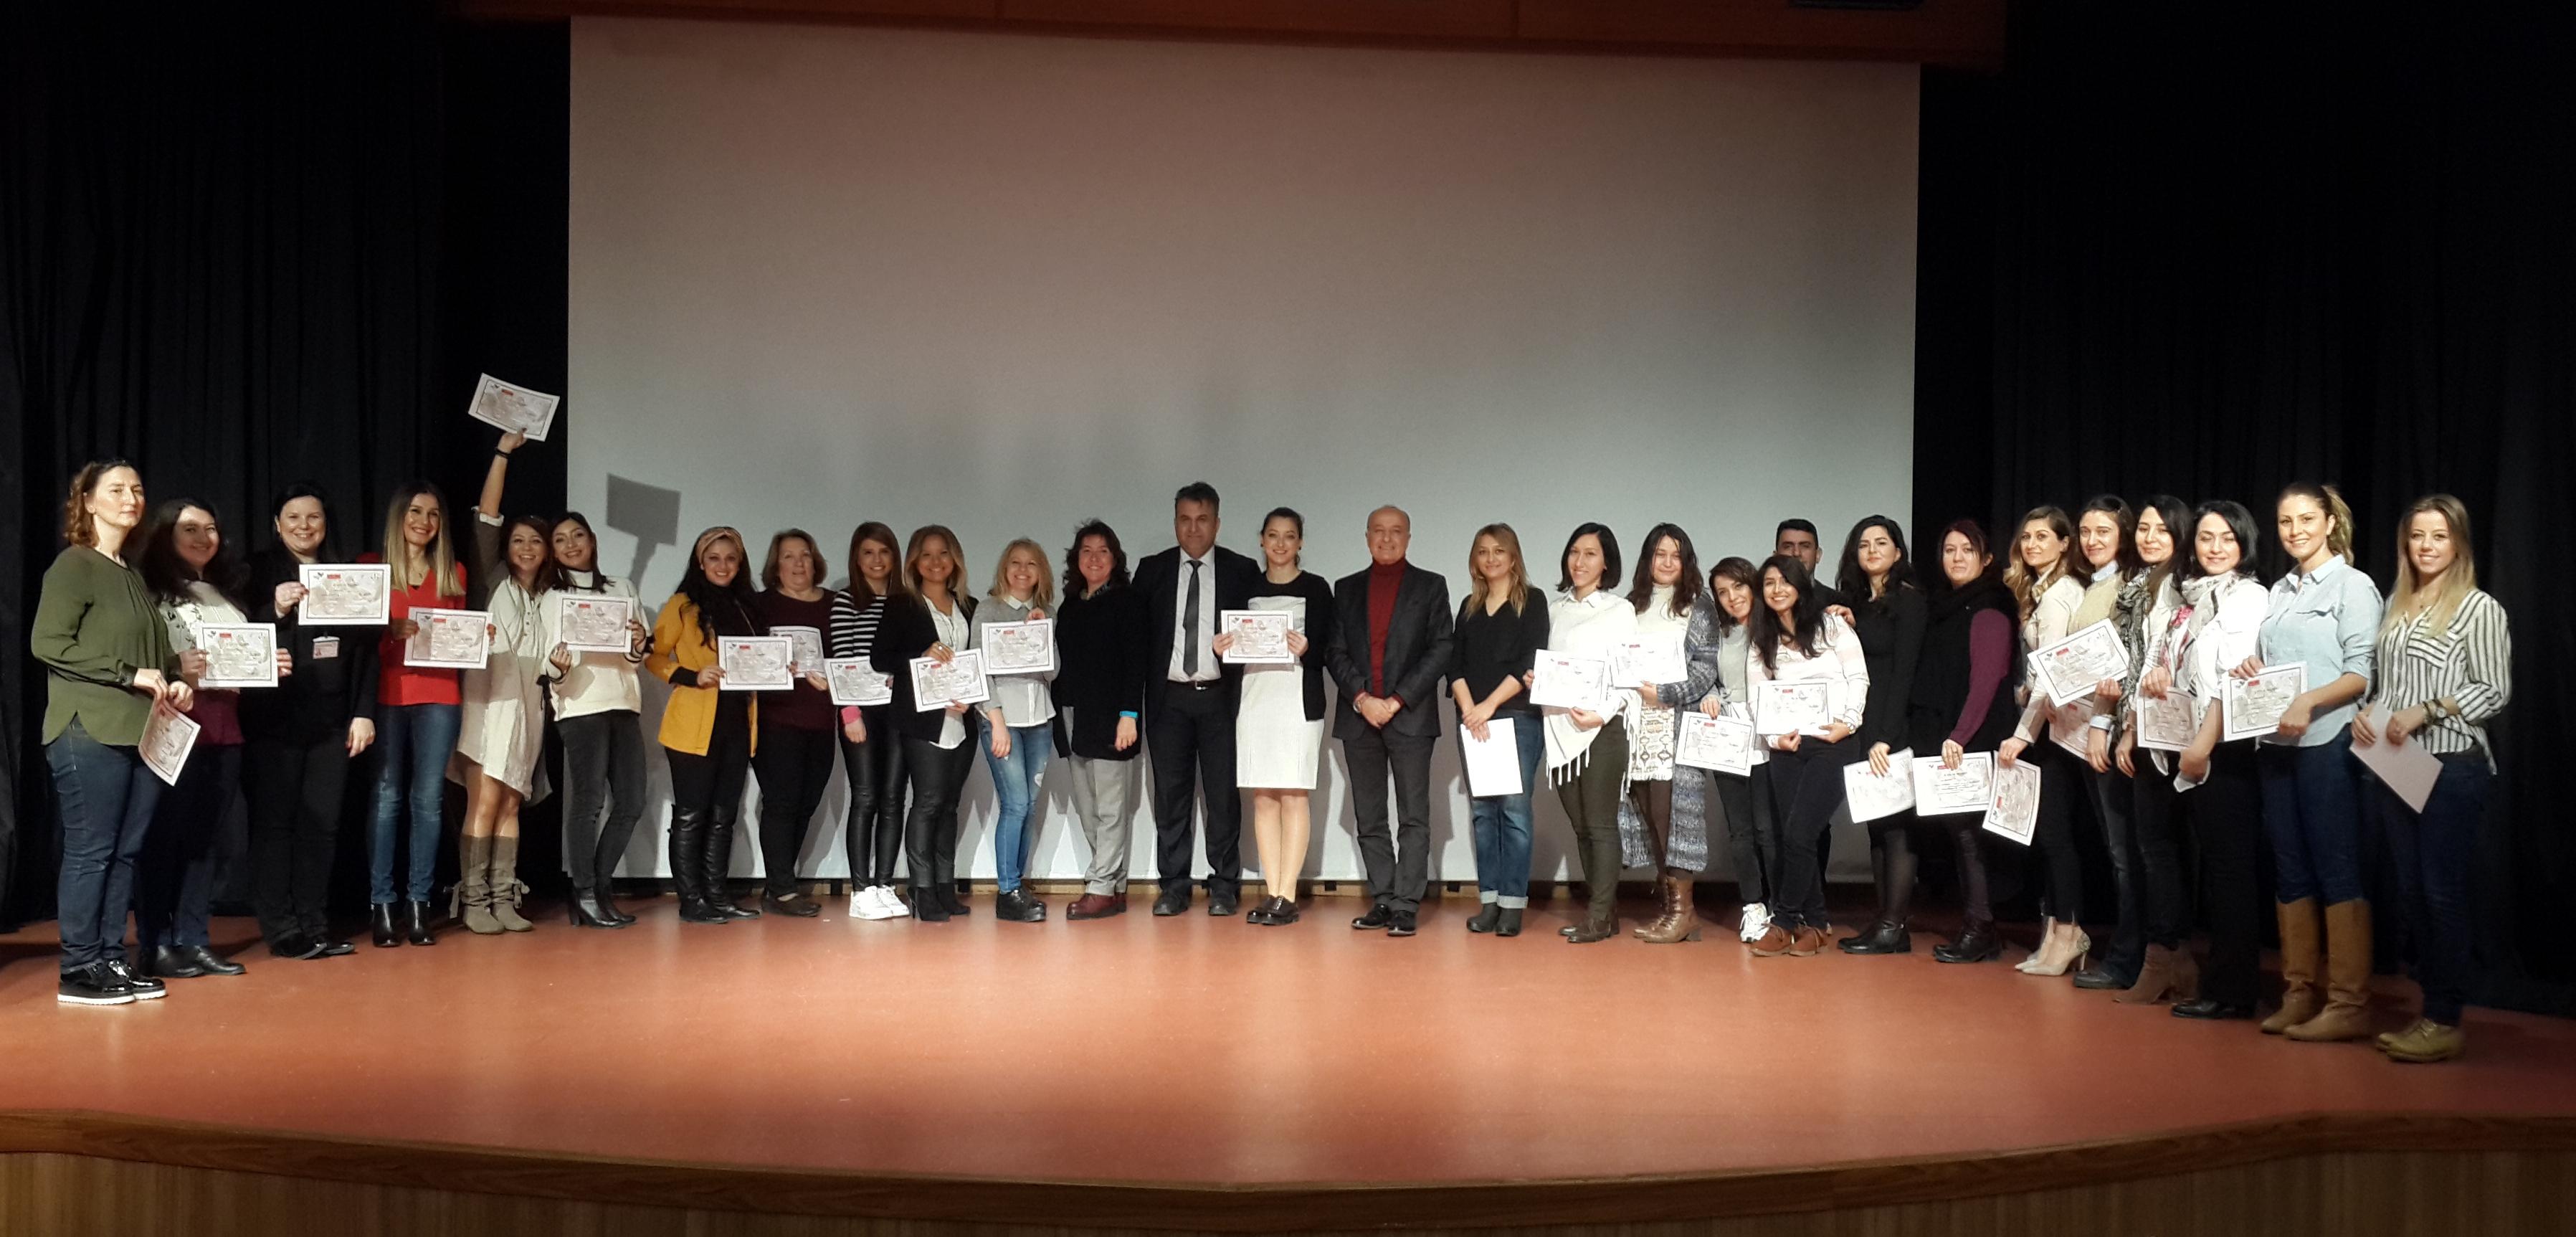 Yarıyıl Mesleki Gelişim Programı Öğretmenlerimizle Birlikte Bugün Gerçekleşti